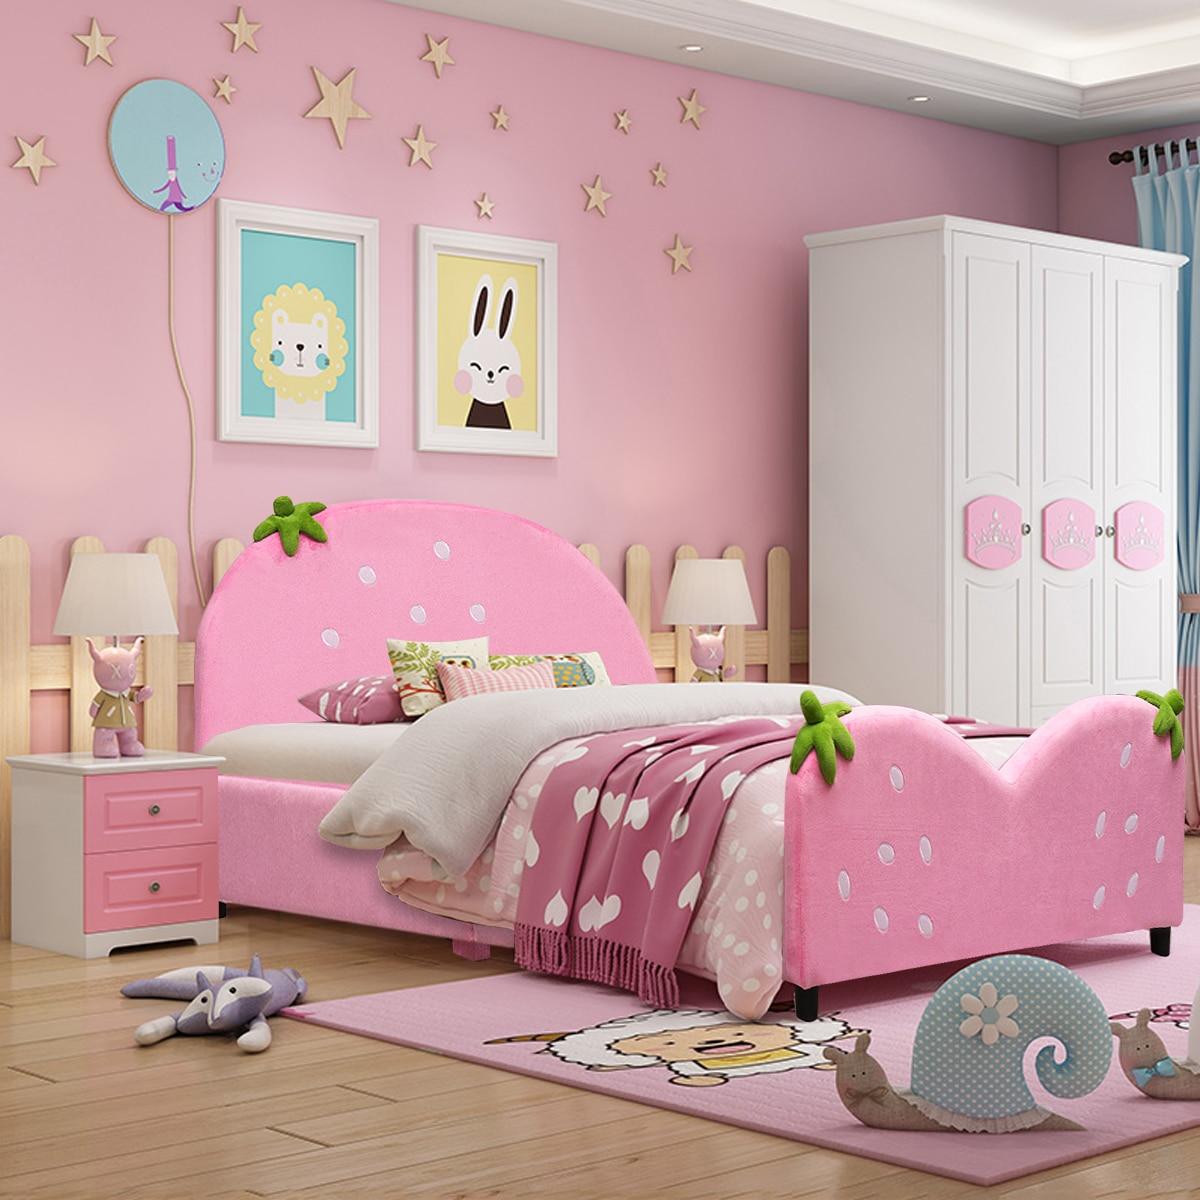 Costway Kids Children Upholstered Platform Toddler Bed Bedroom Furniture Berry Pattern